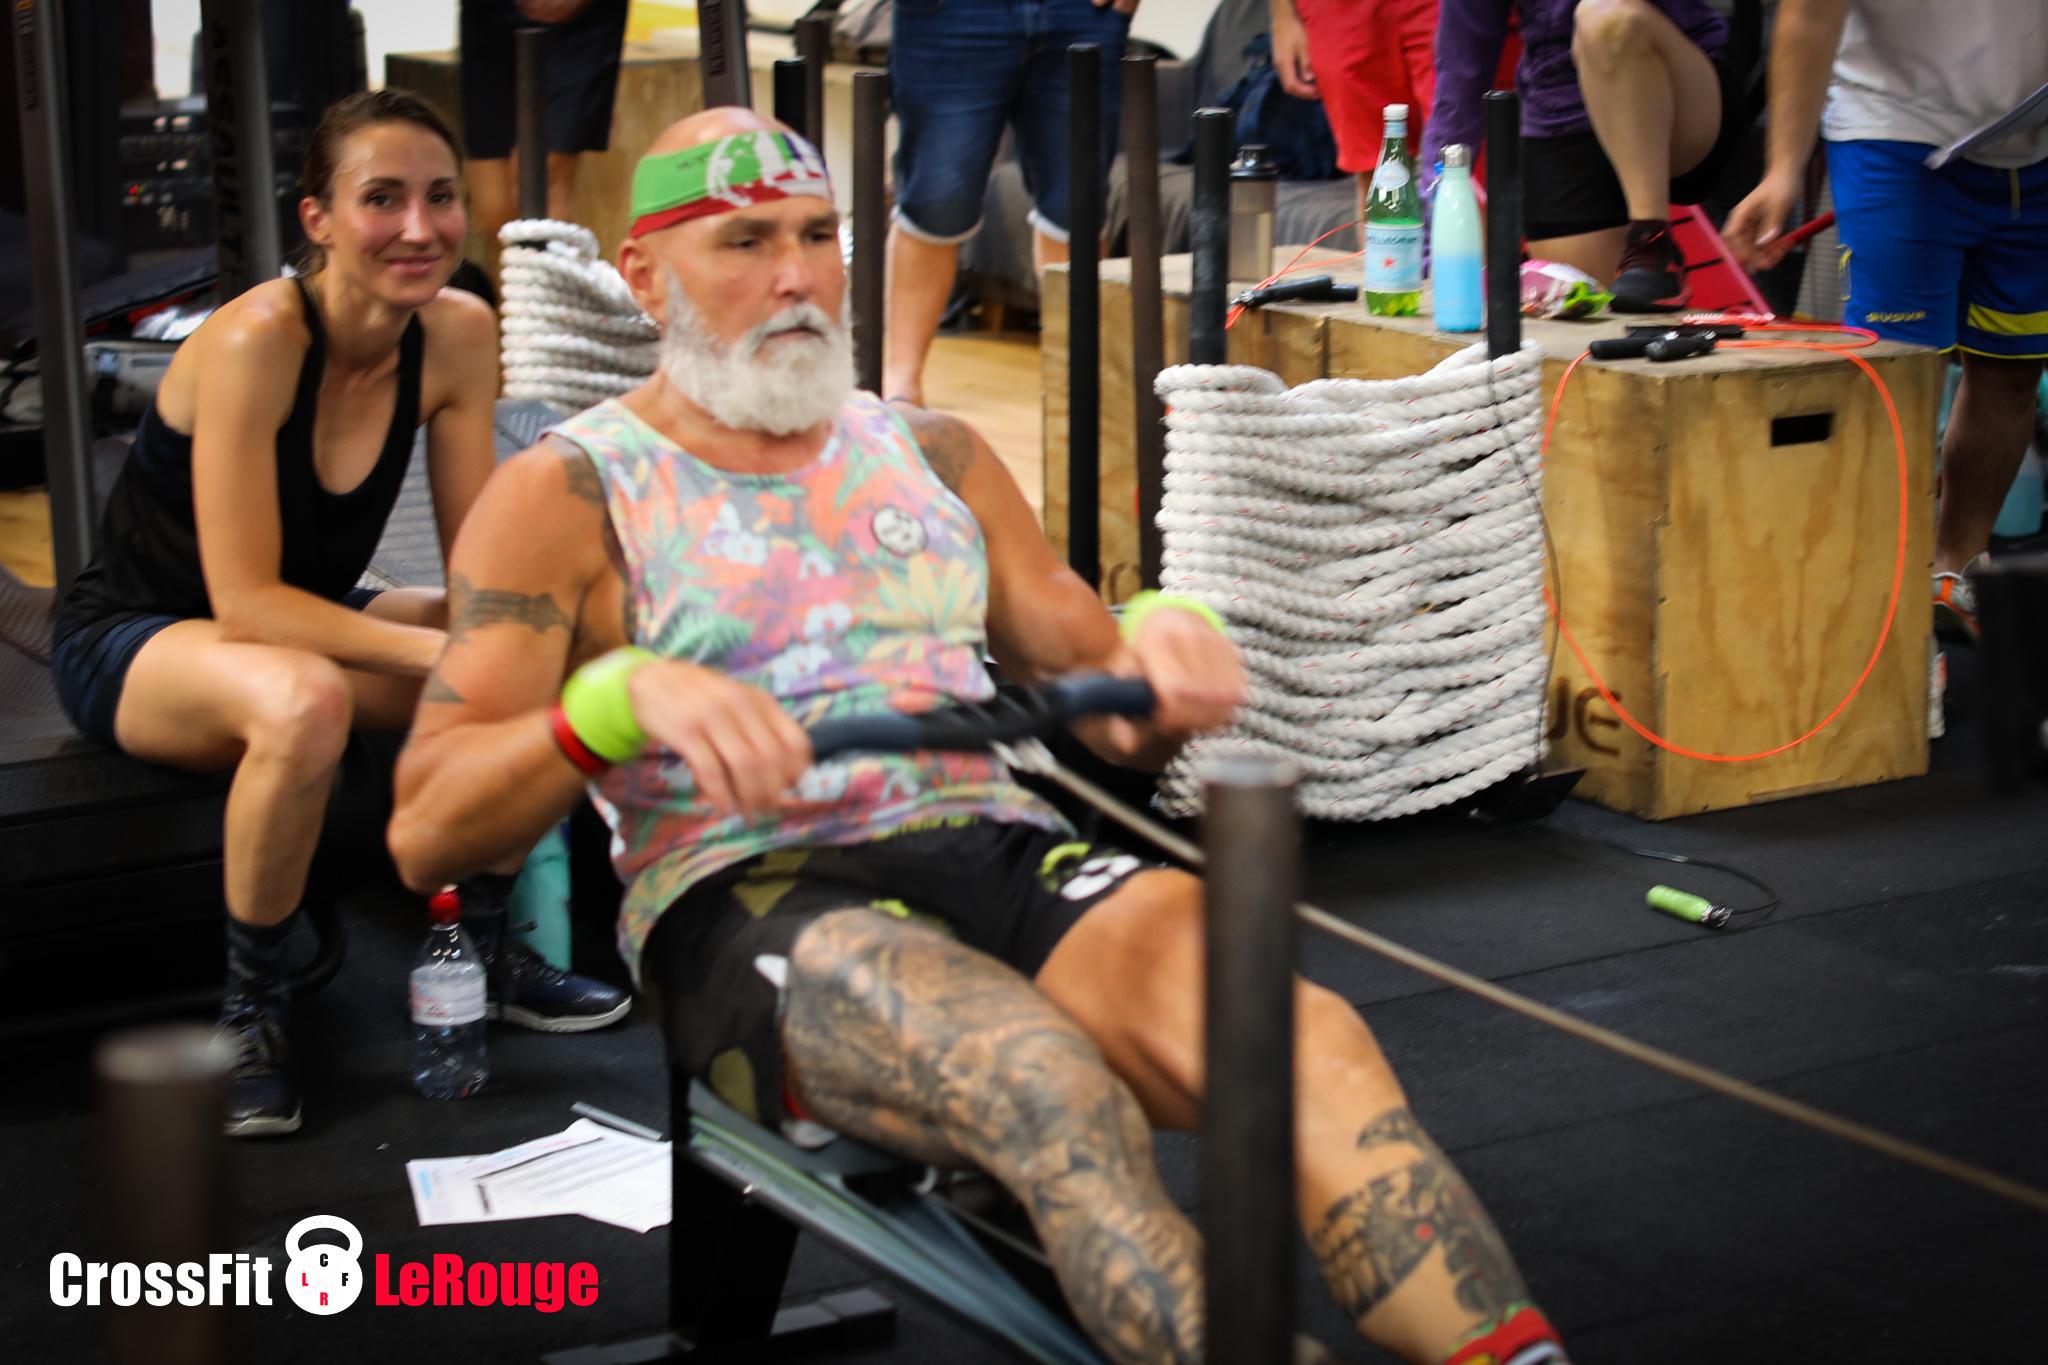 CrossFit WOD rowing high intensity